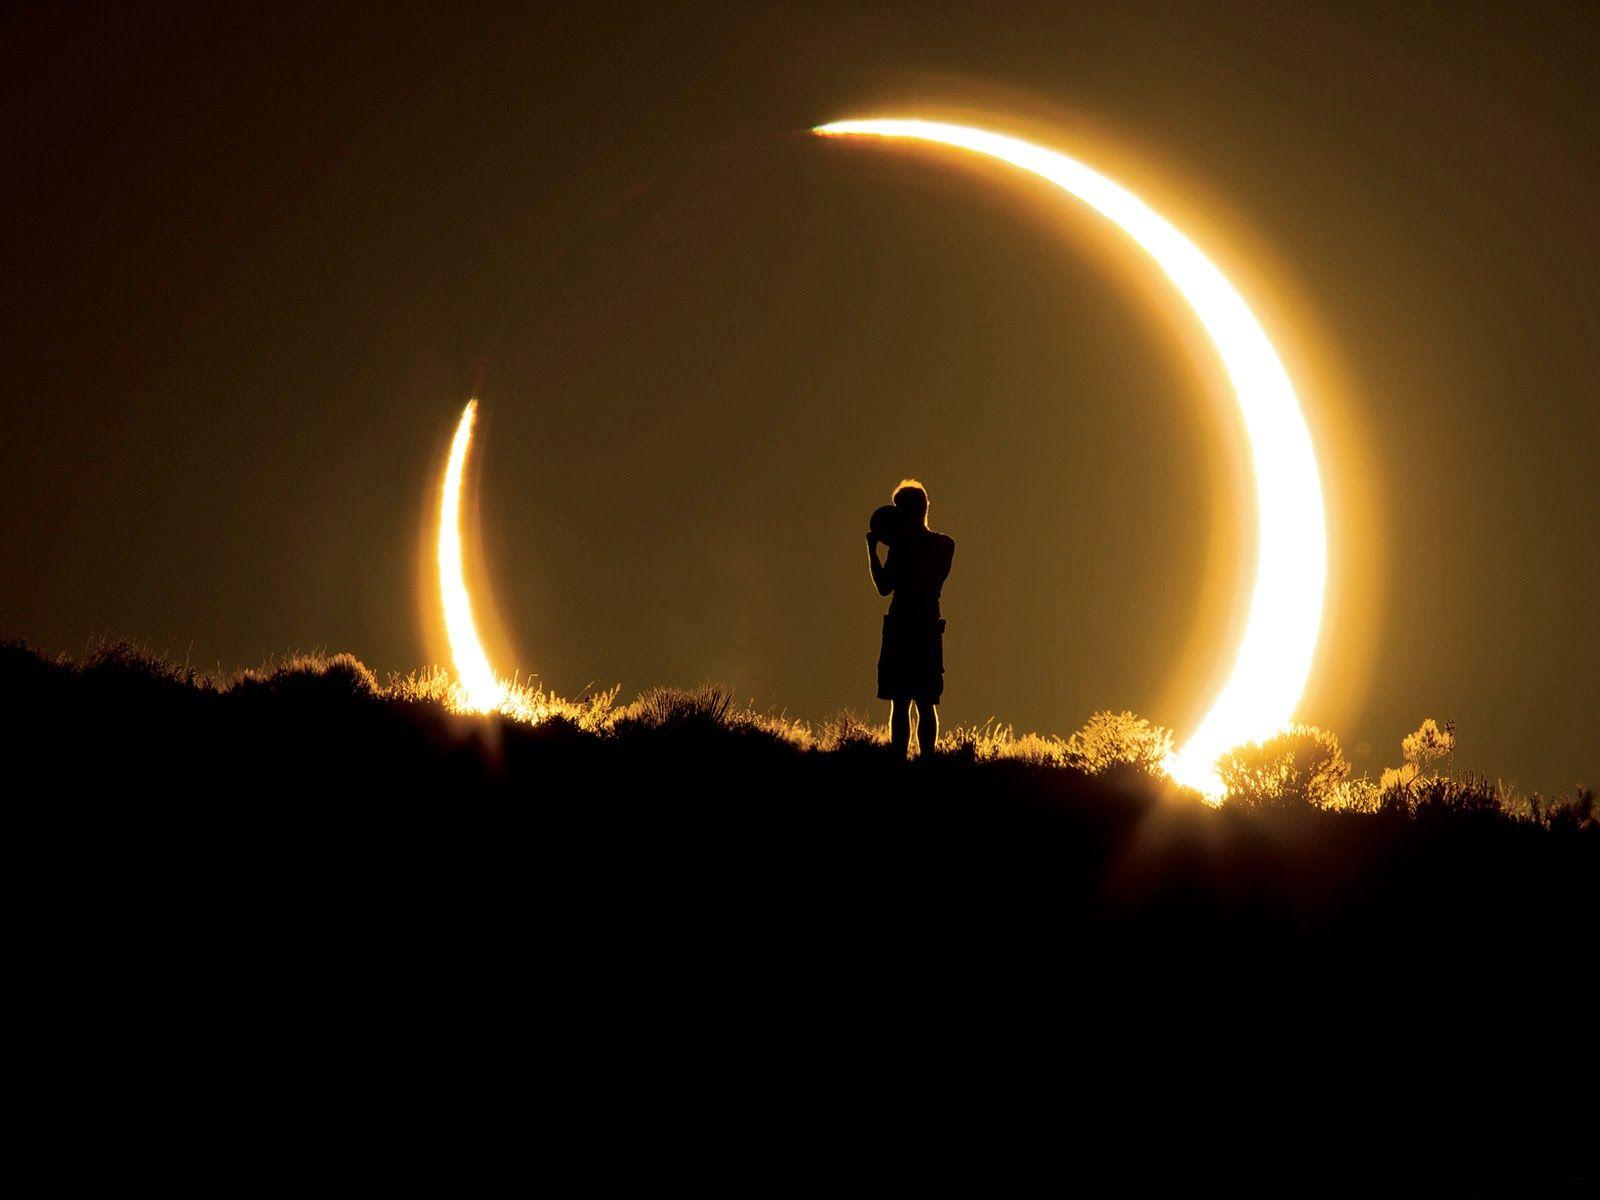 Joke: 23 oktober gedeeltelijke zonsverduistering